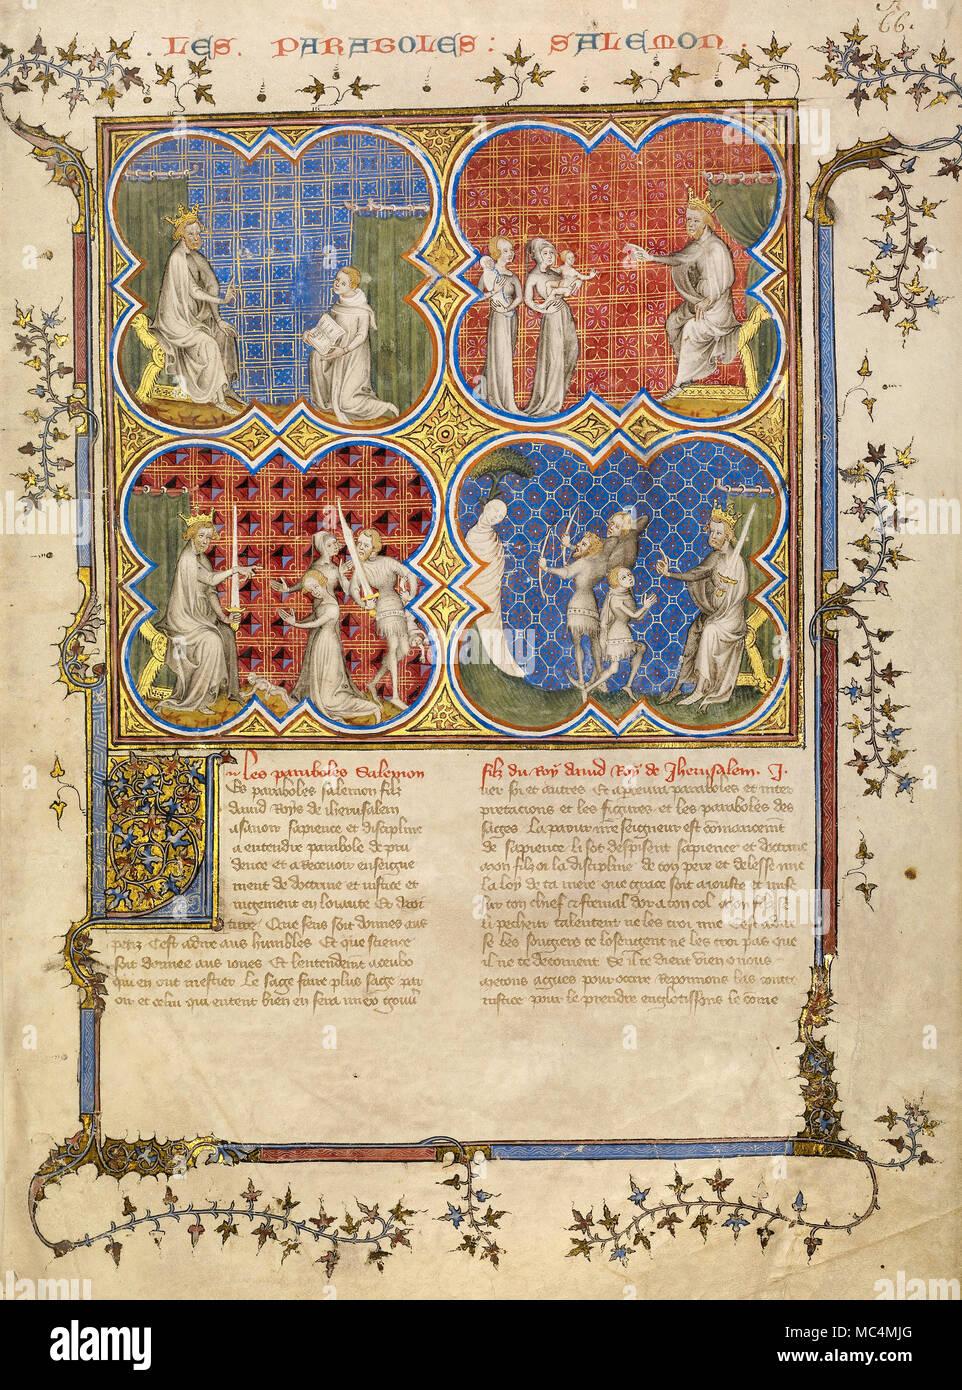 Maestro di Jean de Mandeville, Insegnamento Salomone Roboamo; la sentenza di Salomone; test di Salomone la legittimità dei tre fratelli. Circa 1360-1370. T Immagini Stock